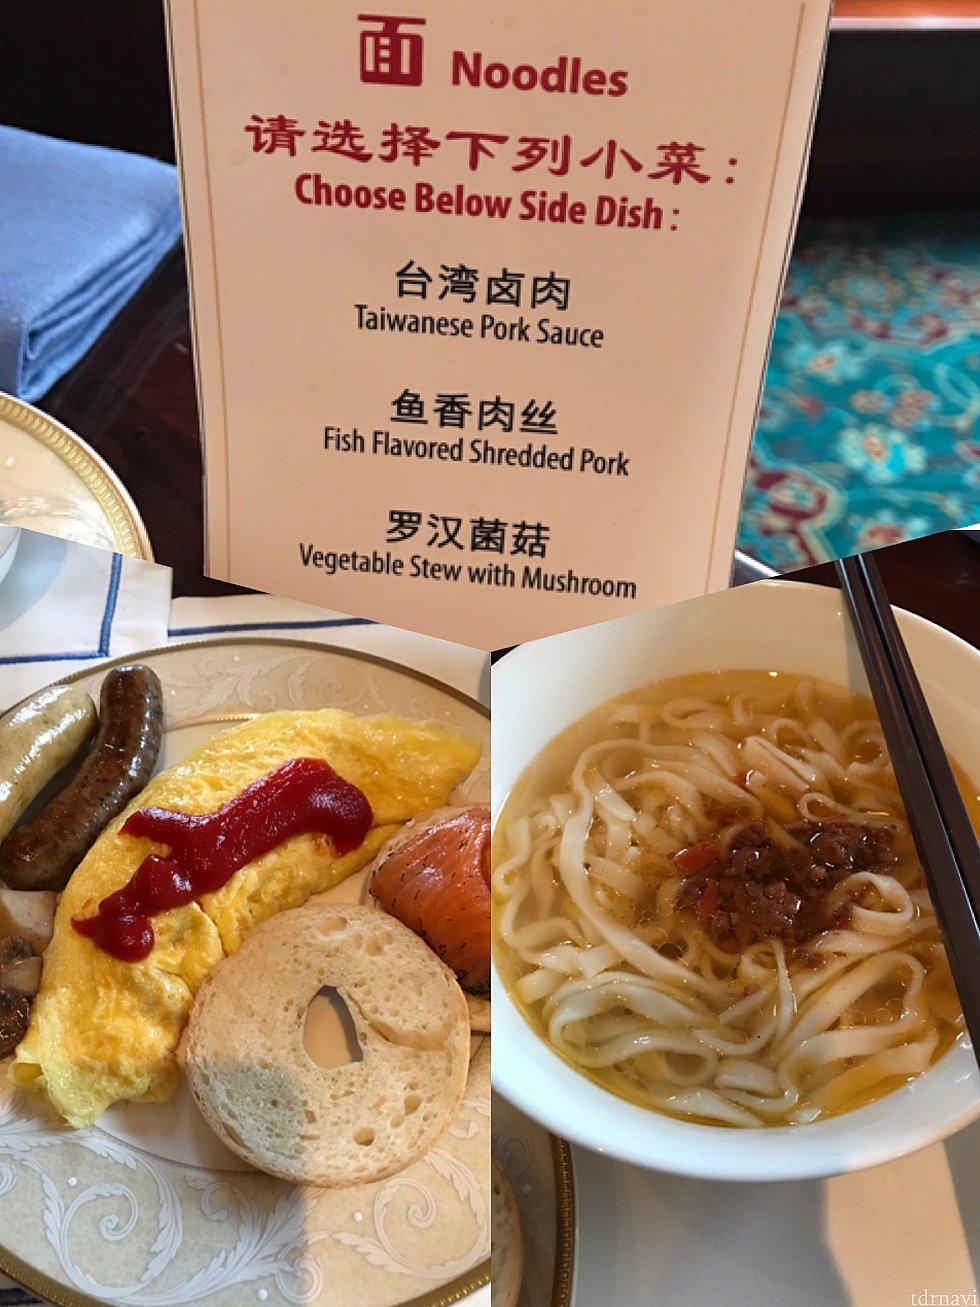 朝ごはん:テーブルに着くと最初にこの3種類から選びます♪こちらは台湾ポーク麺で美味しかったです♪